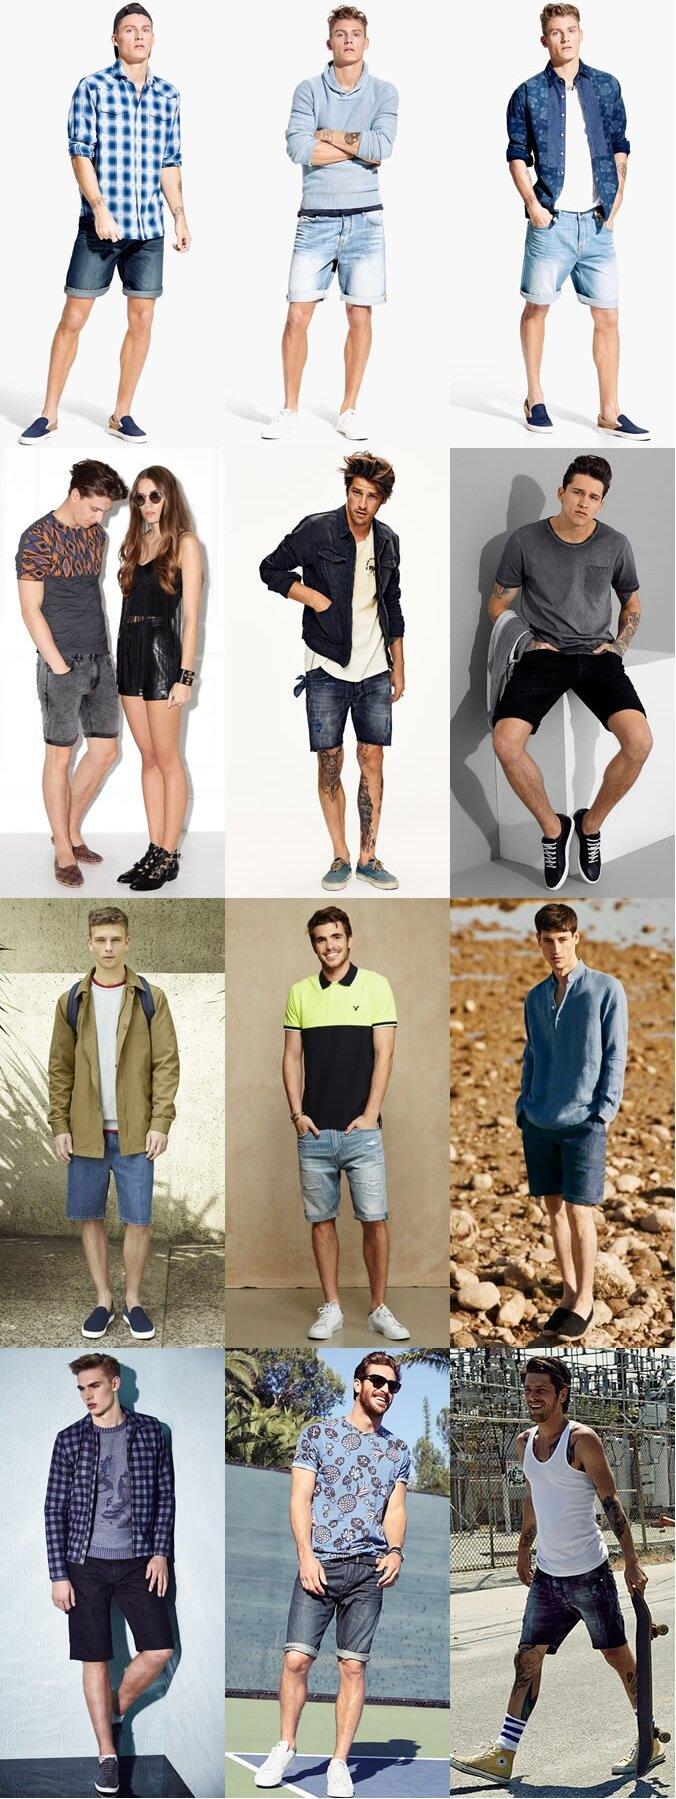 6 cách kết hợp quần cùng giày thể thao nam